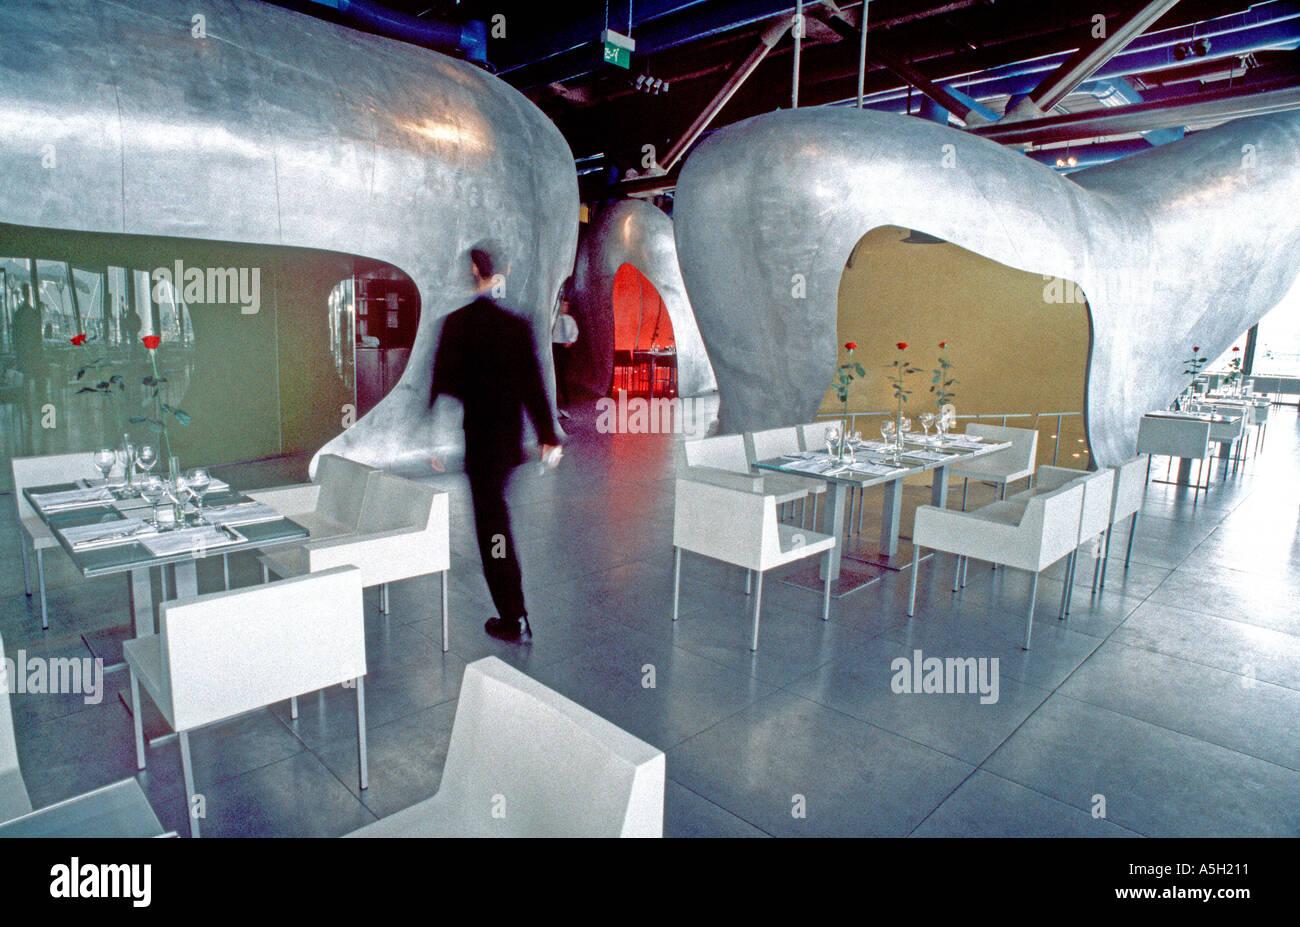 """PARIS Frankreich, trendige französische Restaurant Georges Top des """"Centre Pompidou"""" mit futuristischen Interieur-Design Stockbild"""